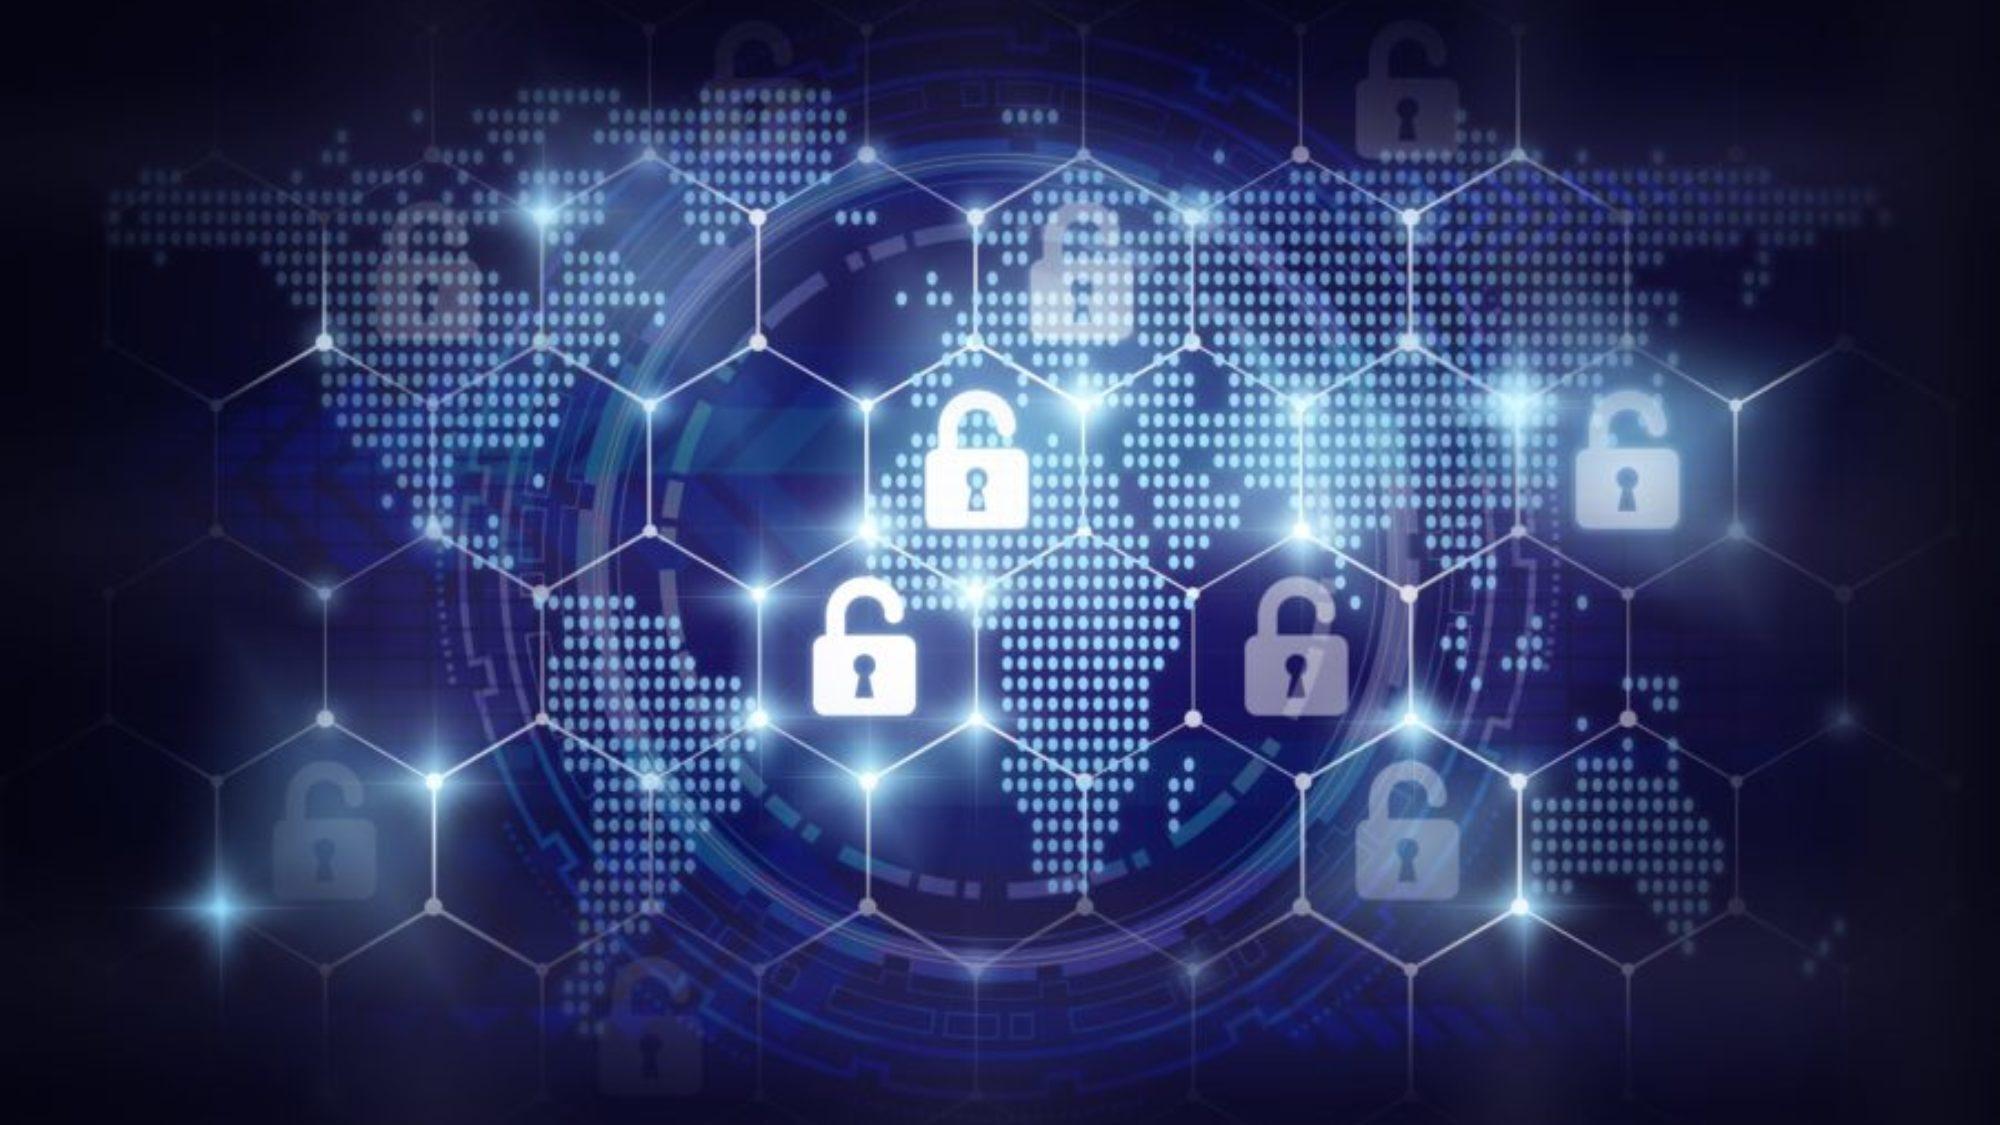 تغییر در ماهیت حملات سایبری به دلیل شیوع ویروس کرونا